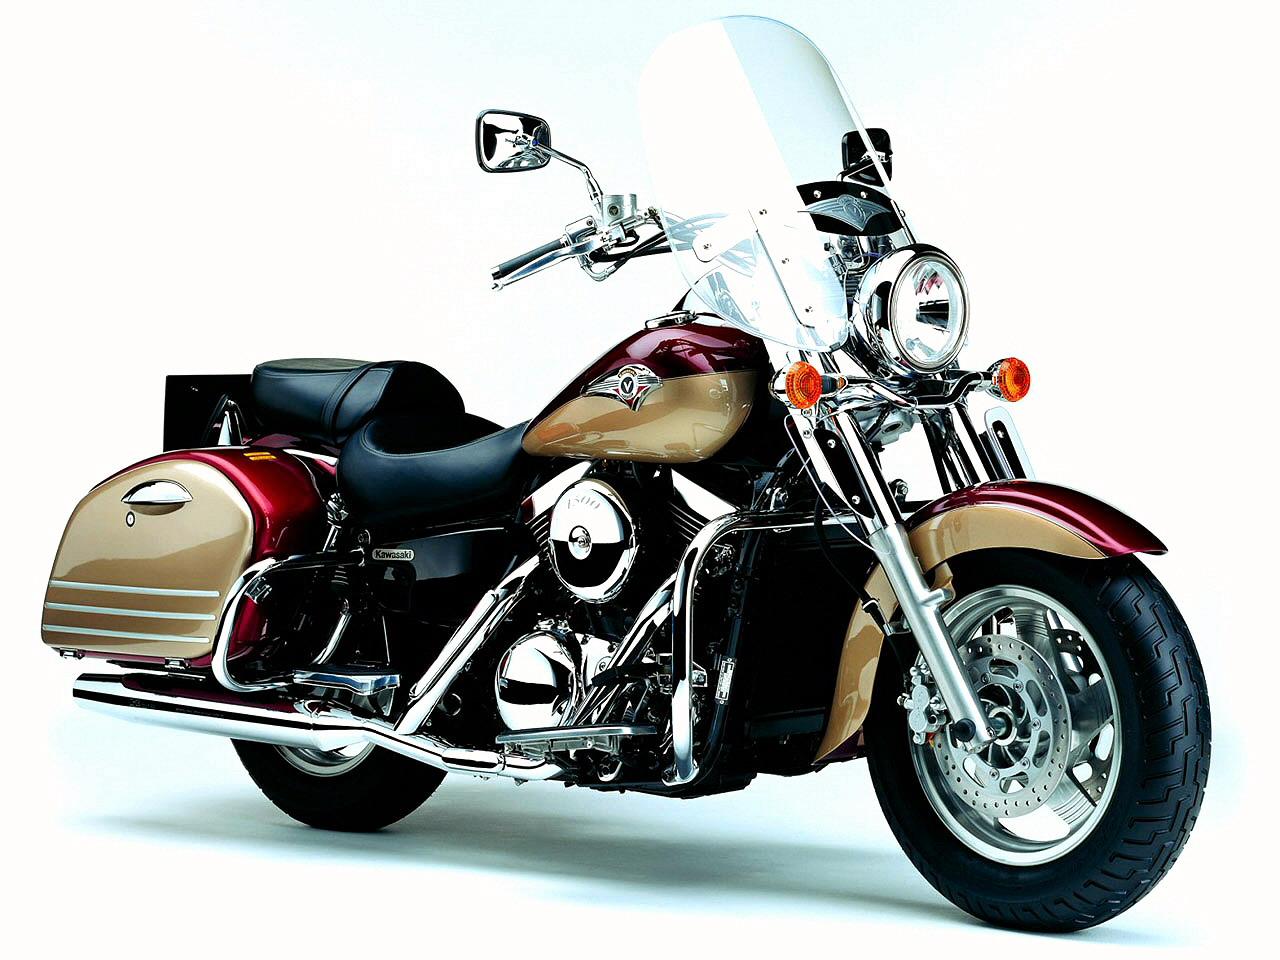 http://1.bp.blogspot.com/-G-TyUfHKf4E/TdK99Lc6nWI/AAAAAAAAAP8/XdBwGMxSqsE/s1600/cool+bikes+%252826%2529.jpg